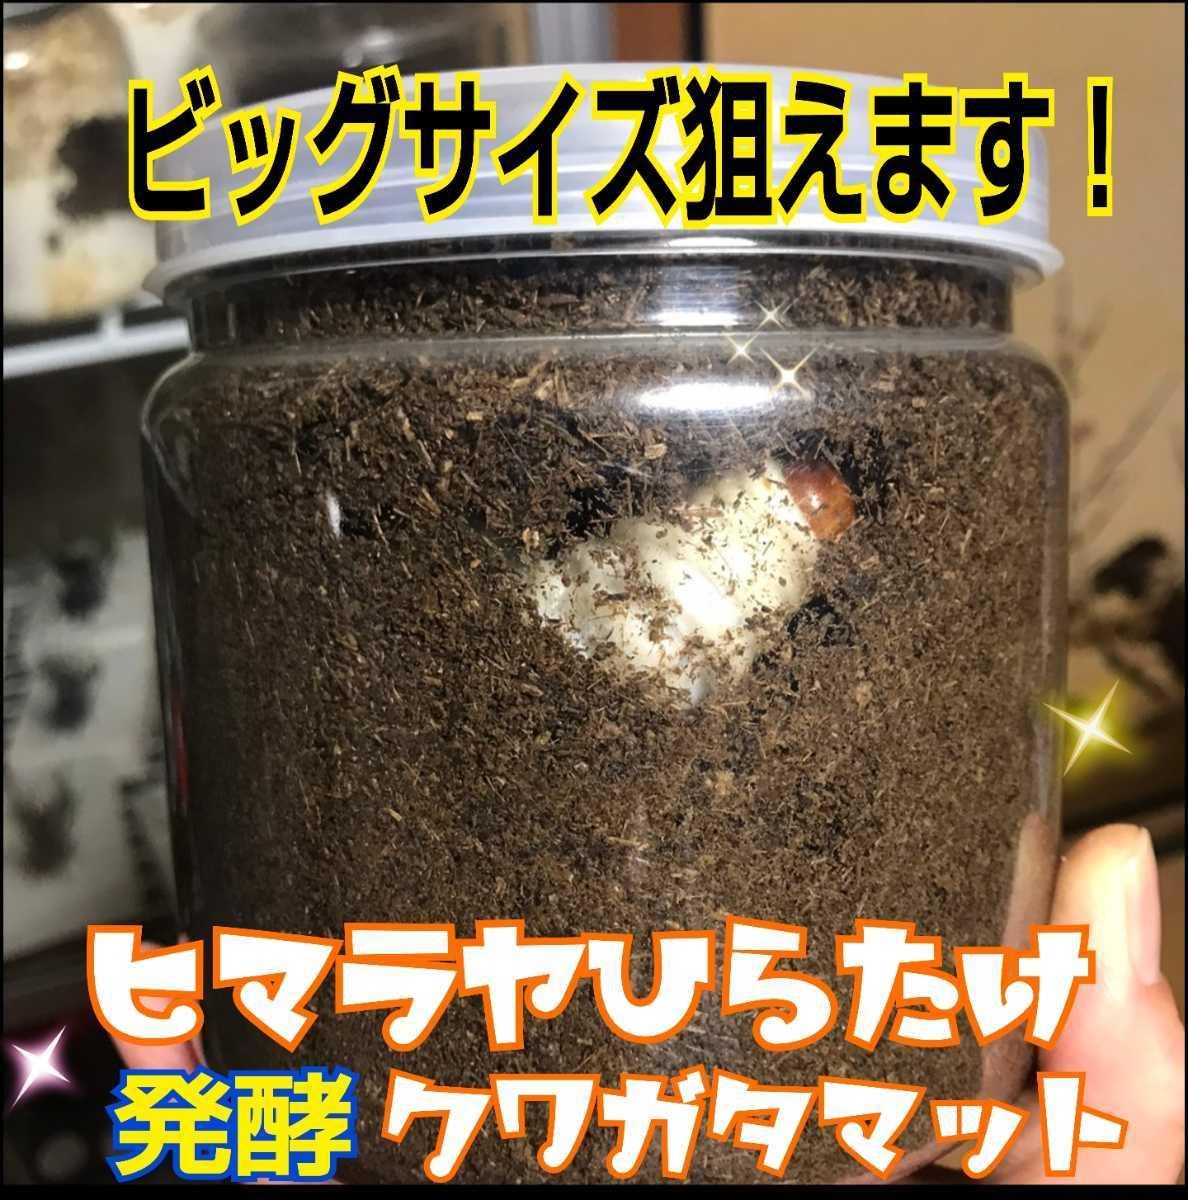 80リットル 幼虫がビッグサイズに!ヒマラヤひらたけ菌床発酵カブトムシマット!抜群の栄養価! クヌギ100% 幼虫の餌、産卵マットにも最高_画像8